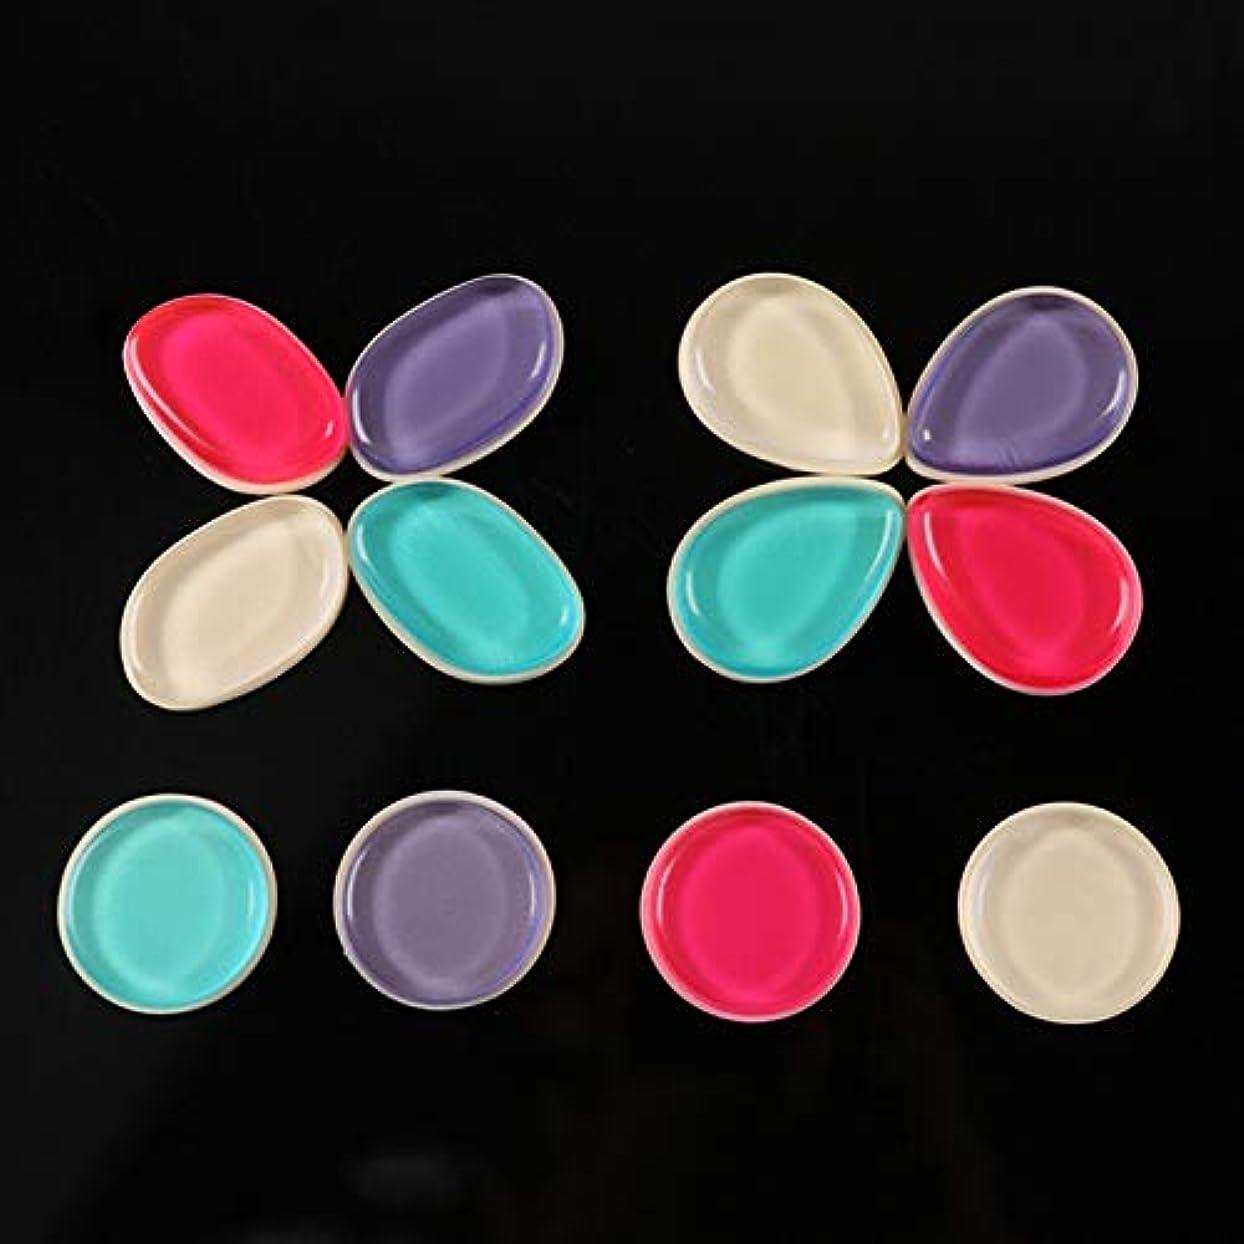 拳ペネロペ過敏なDOMO シリコンパフ 透明 清潔しやすい メイクスポンジ ゲルパフ ゼリーパフ化粧品 ファンデーション メークアップツール